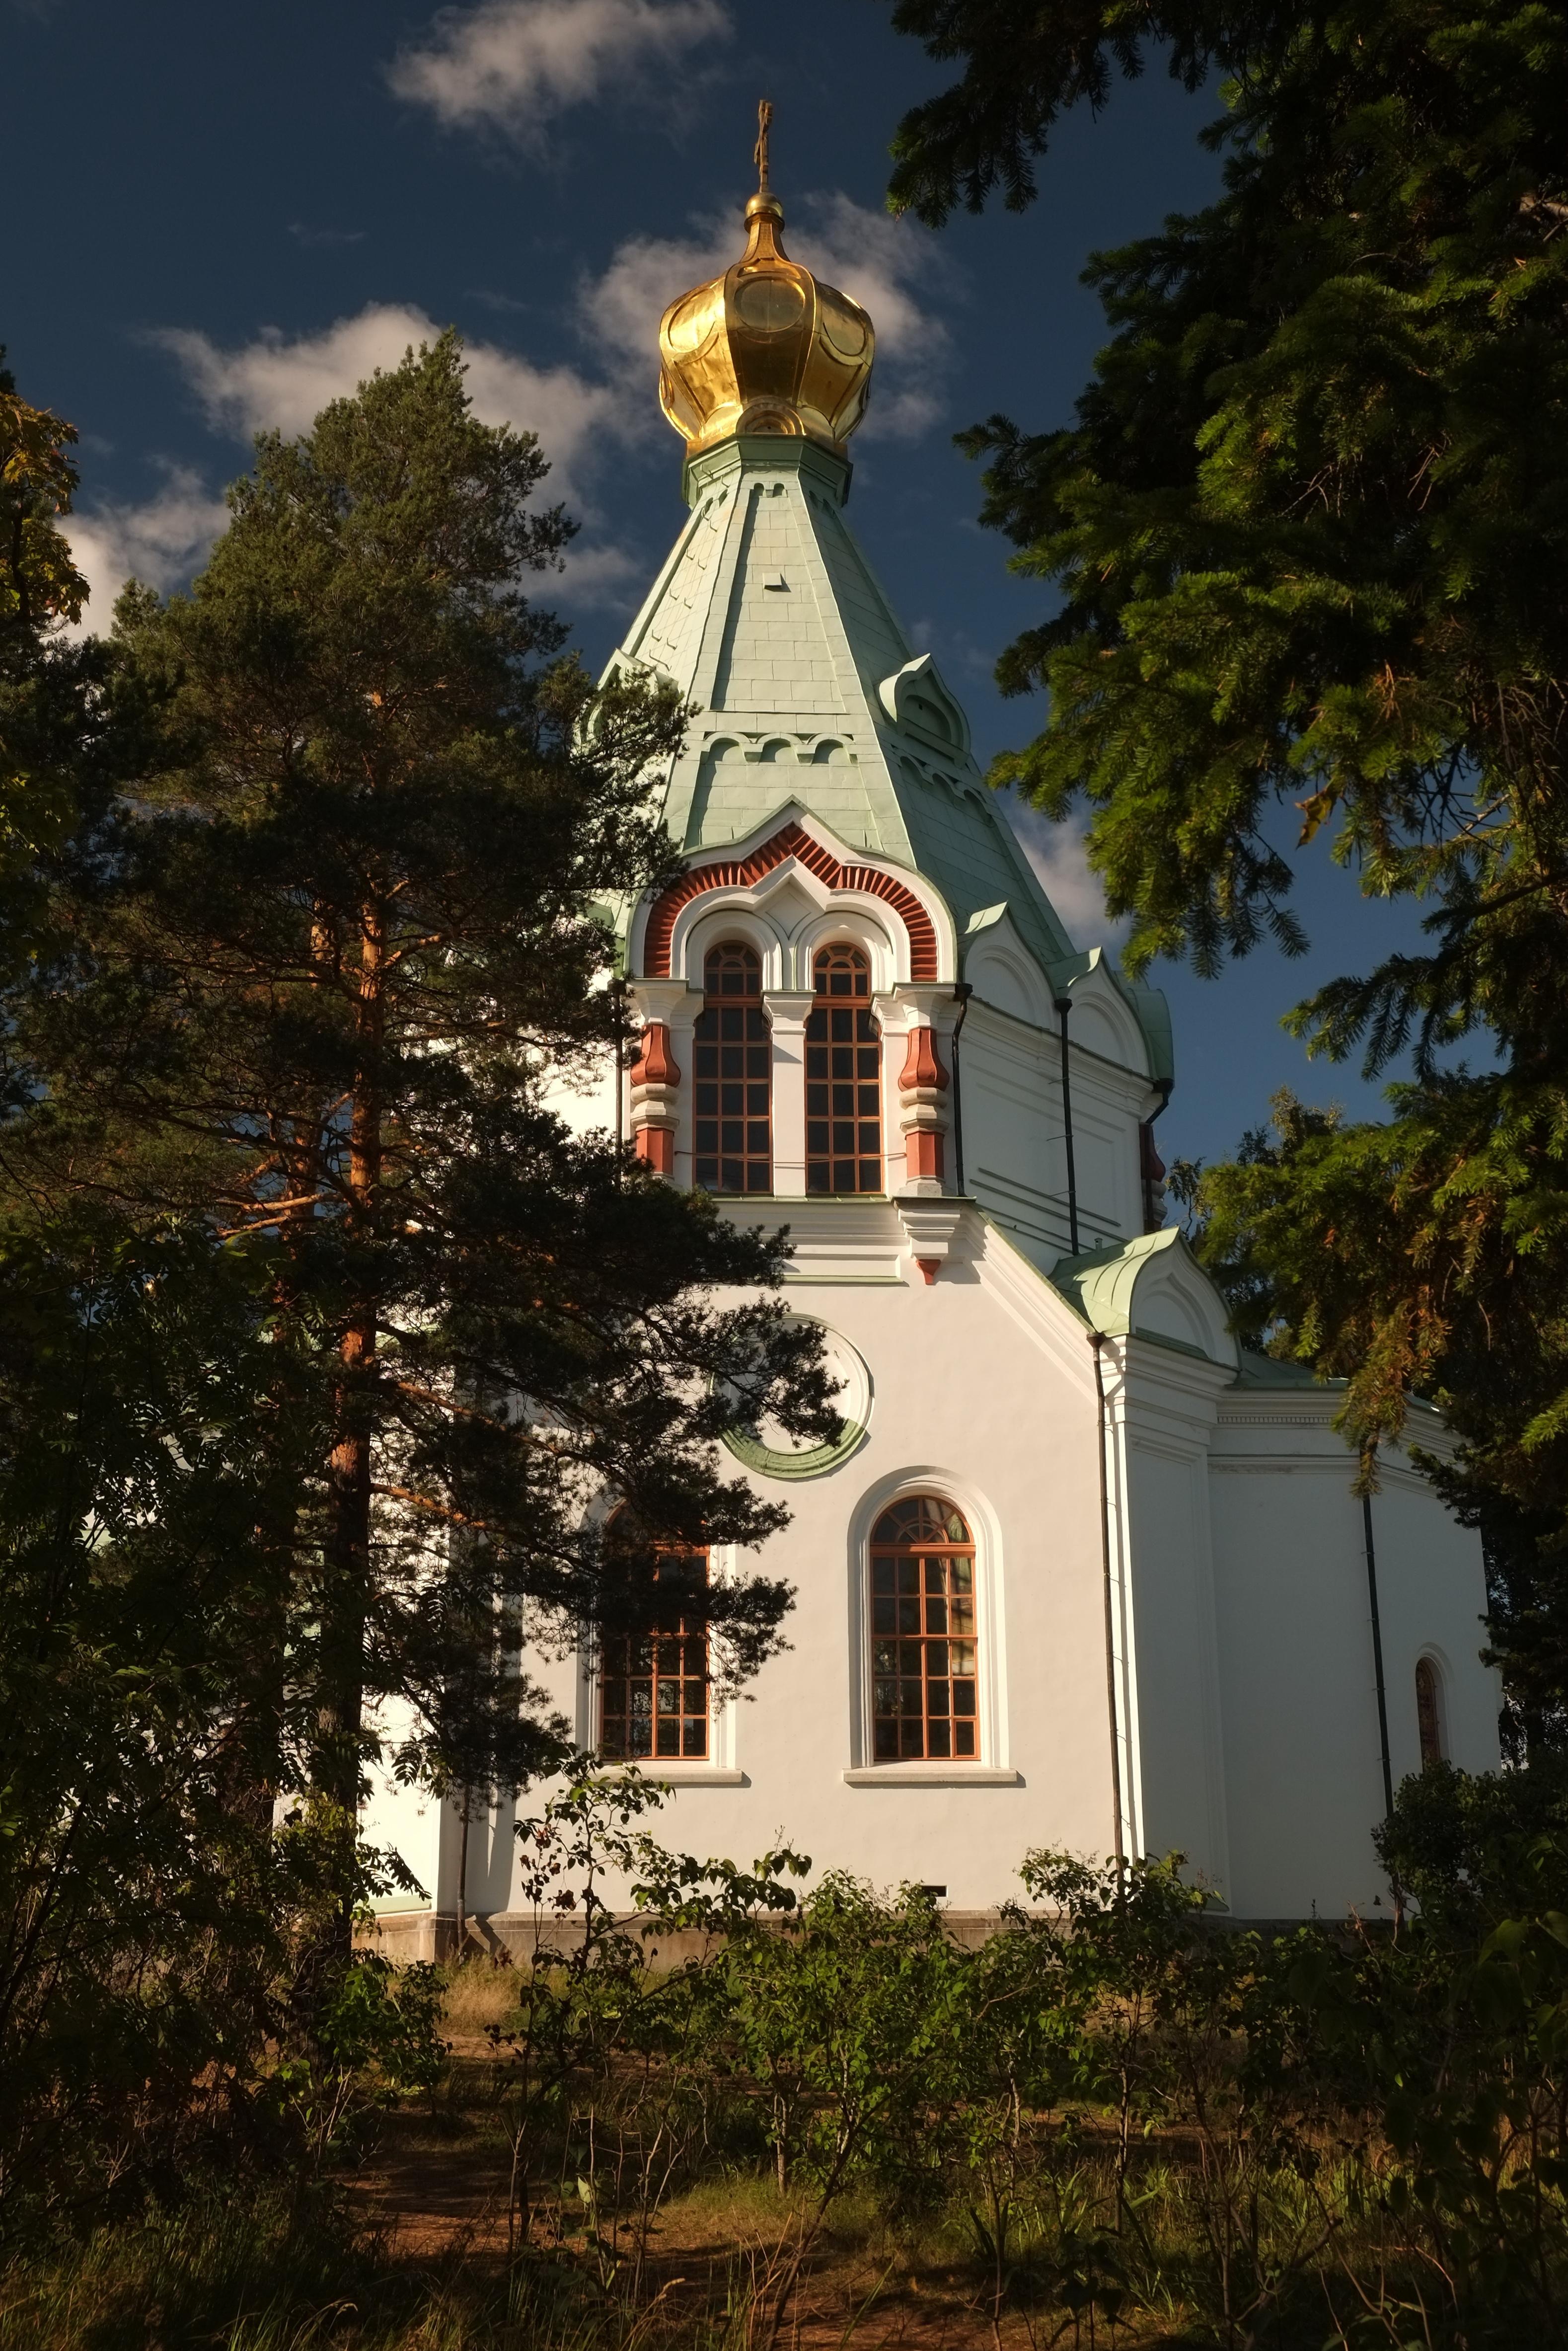 Никольский храм. Я. Гайдукова. Валаам. Красиво